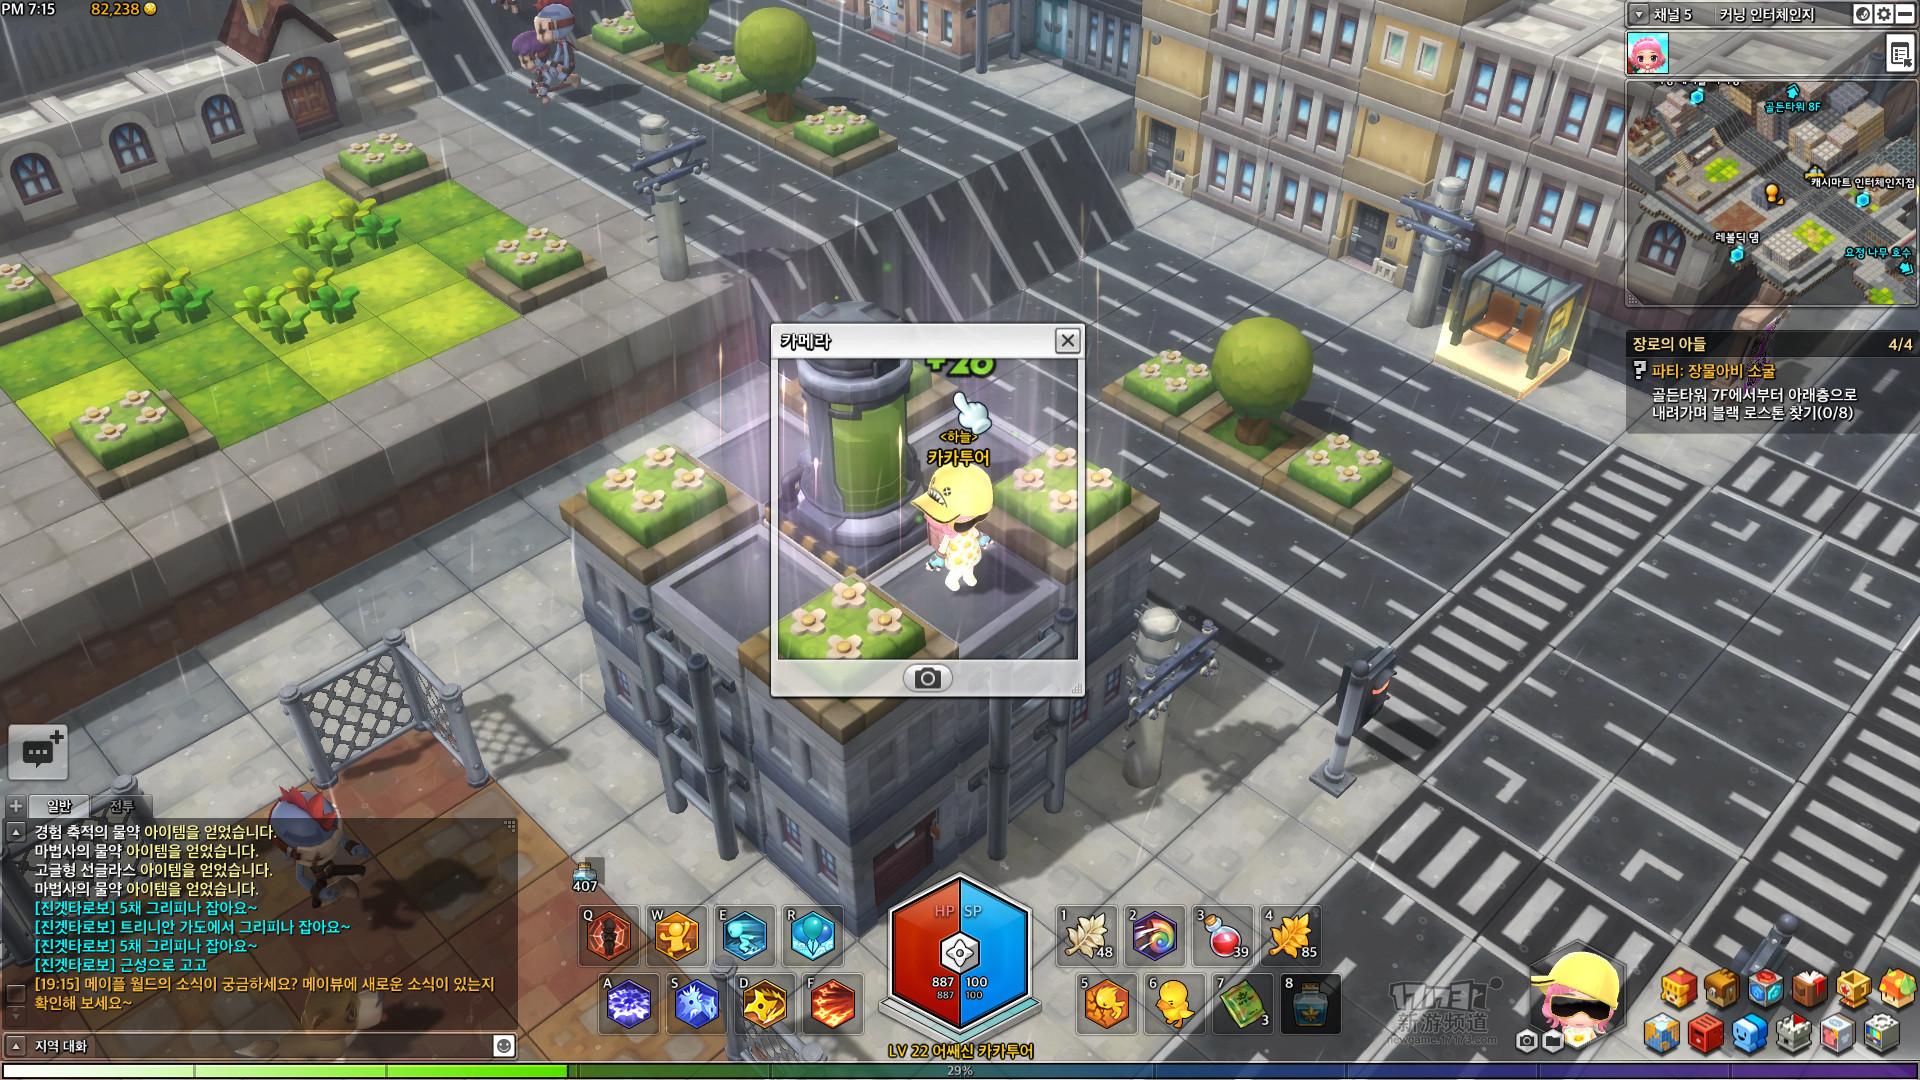 冒险岛2β测试游戏截图